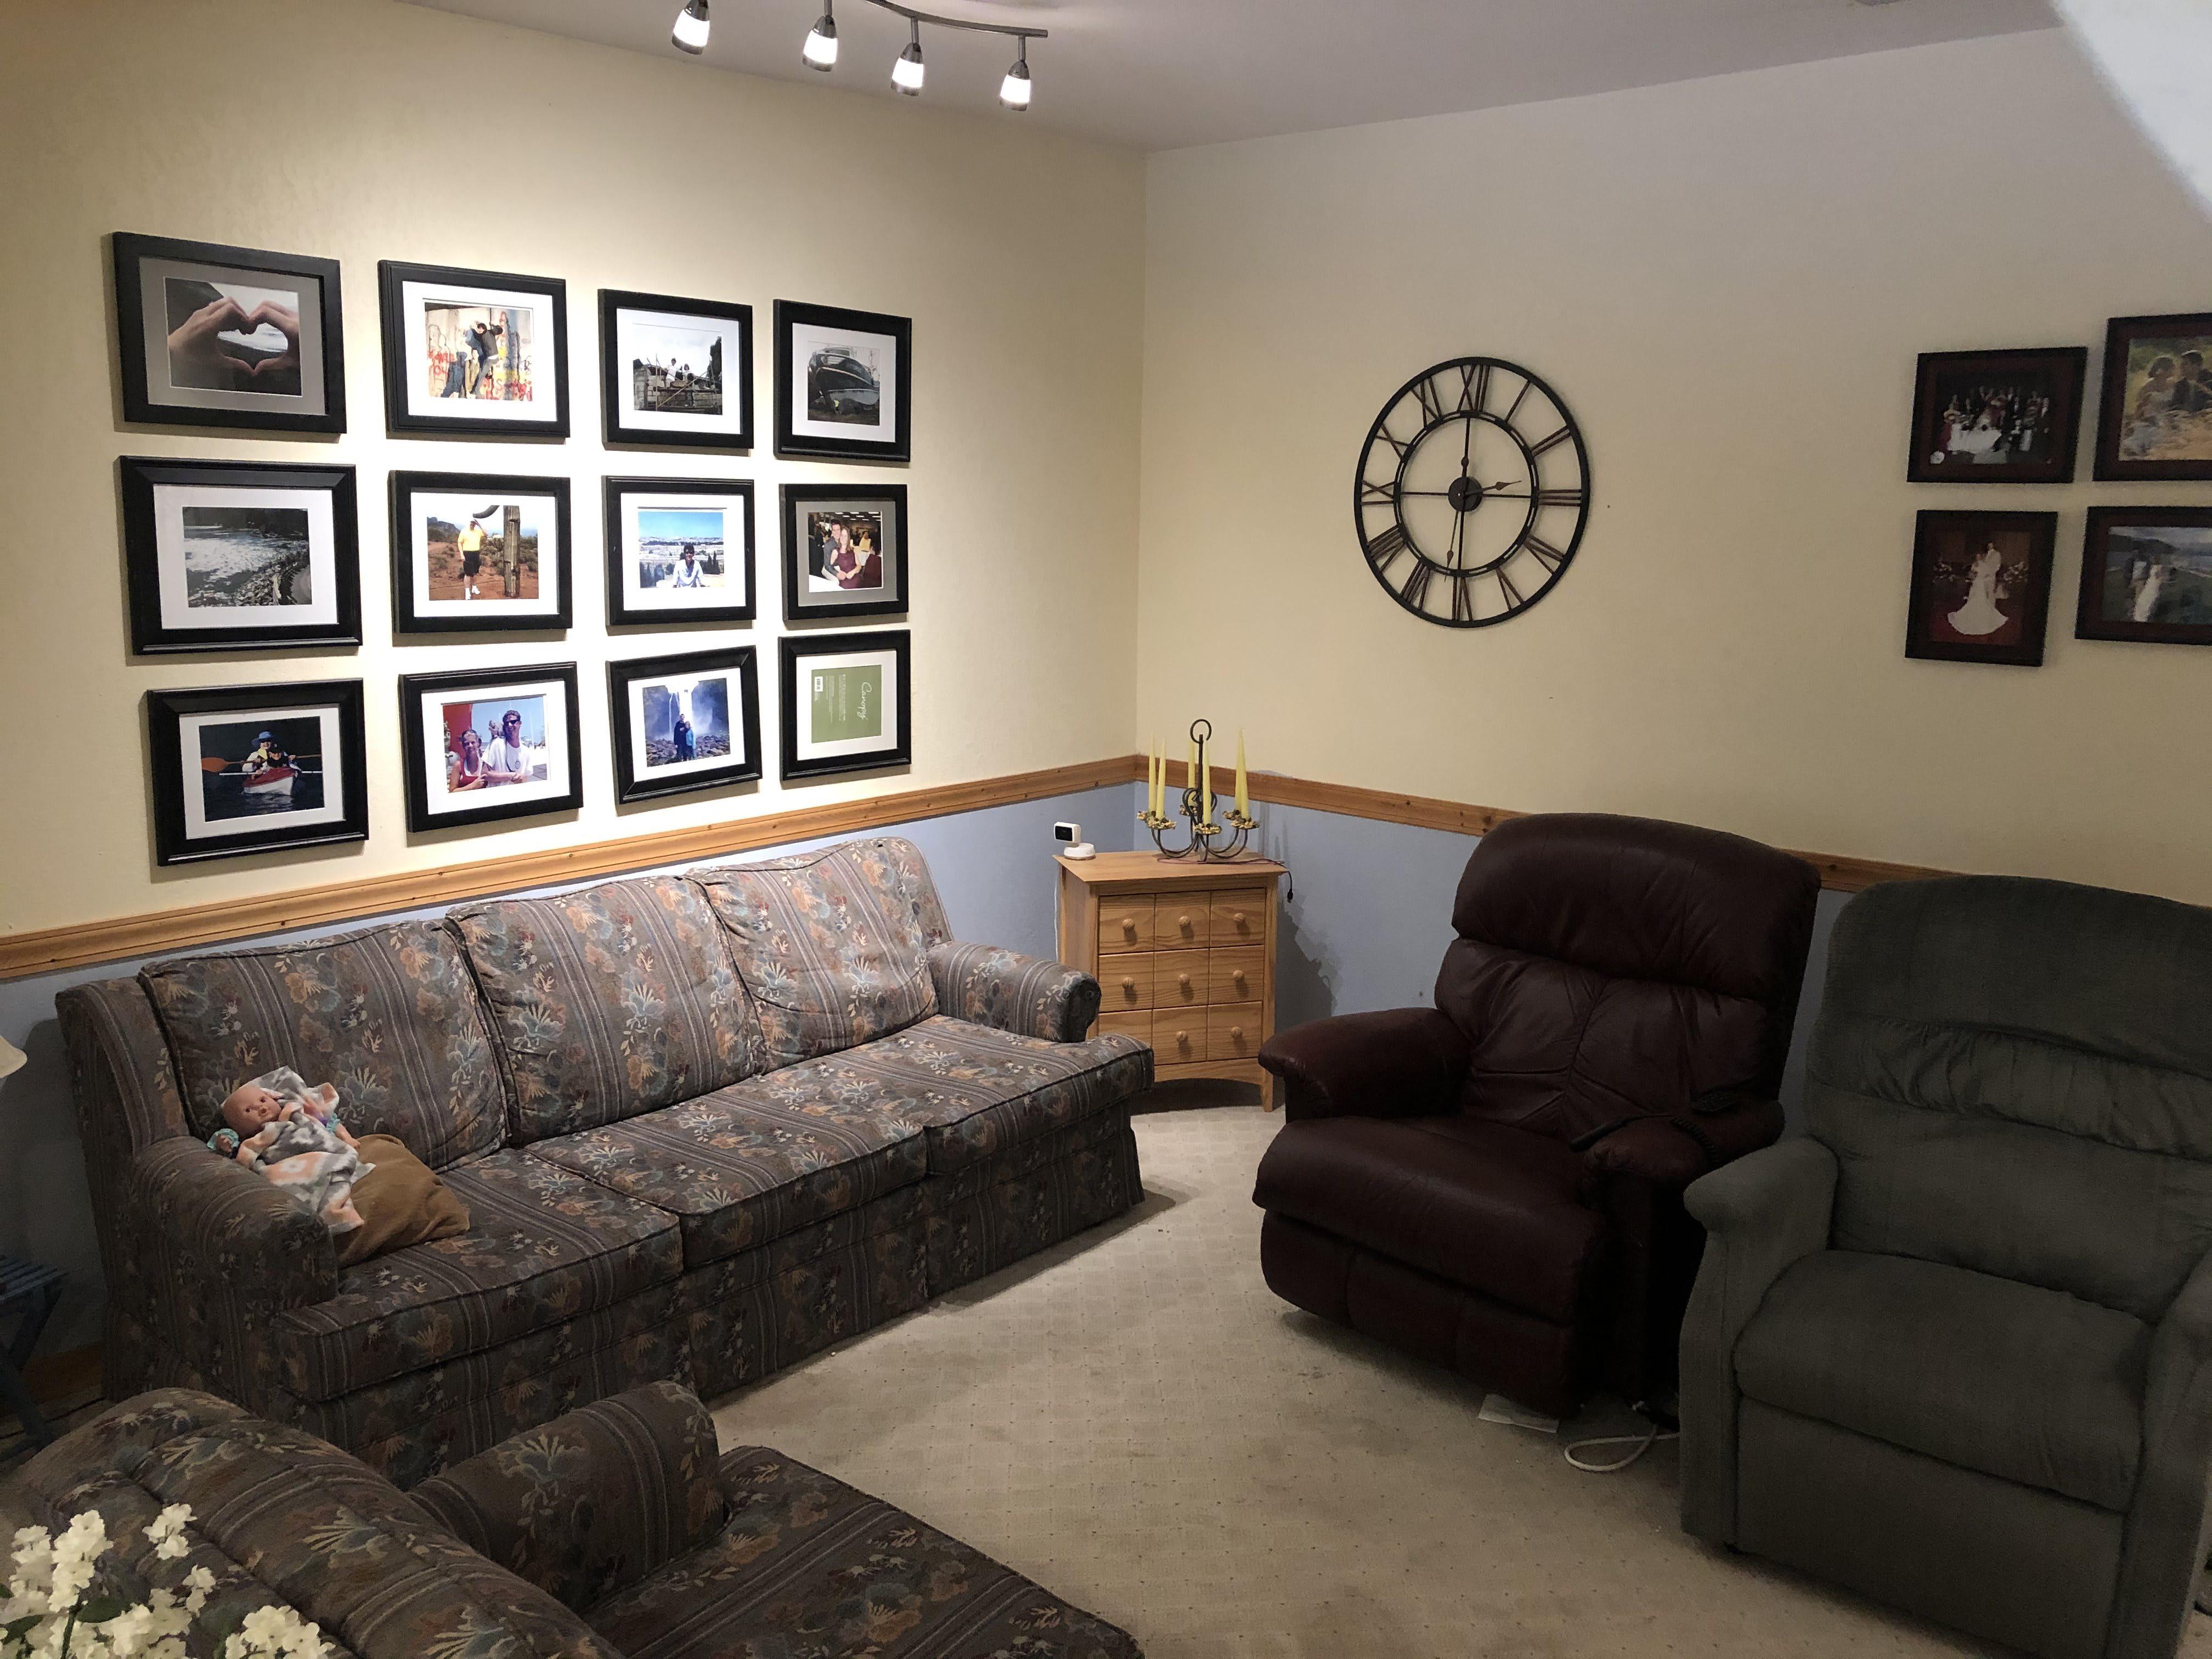 Photo 1 of Kinzler Homes